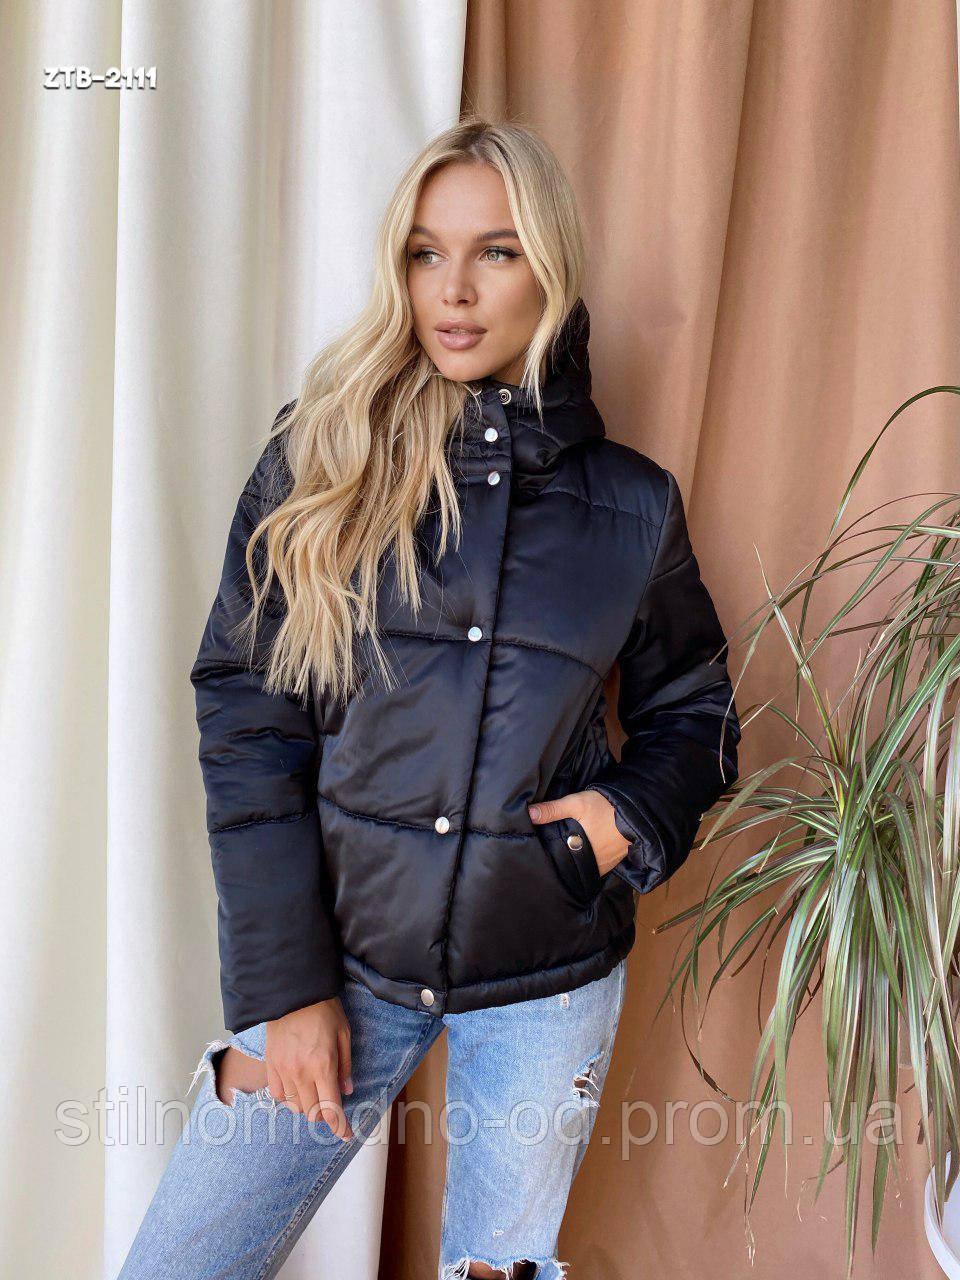 Жіноча осіння куртка від Стильномодно